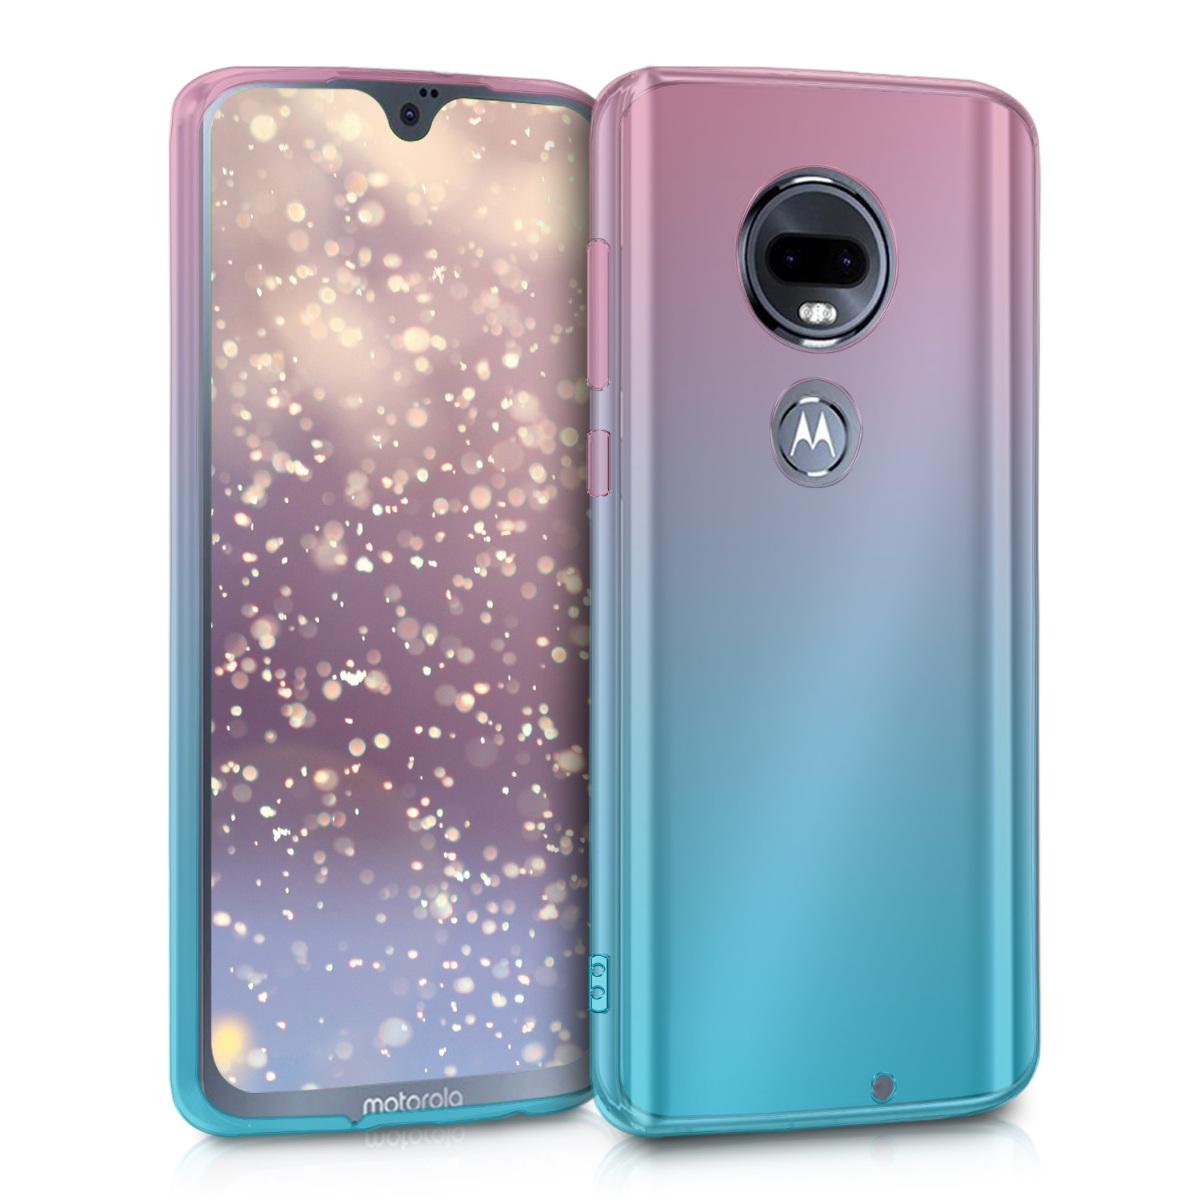 Kvalitní silikonové TPU pouzdro | obal pro Motorola Moto G7 / Moto G7 Plus - Dvoubarevná tmavě růžová / modrá / průhledná